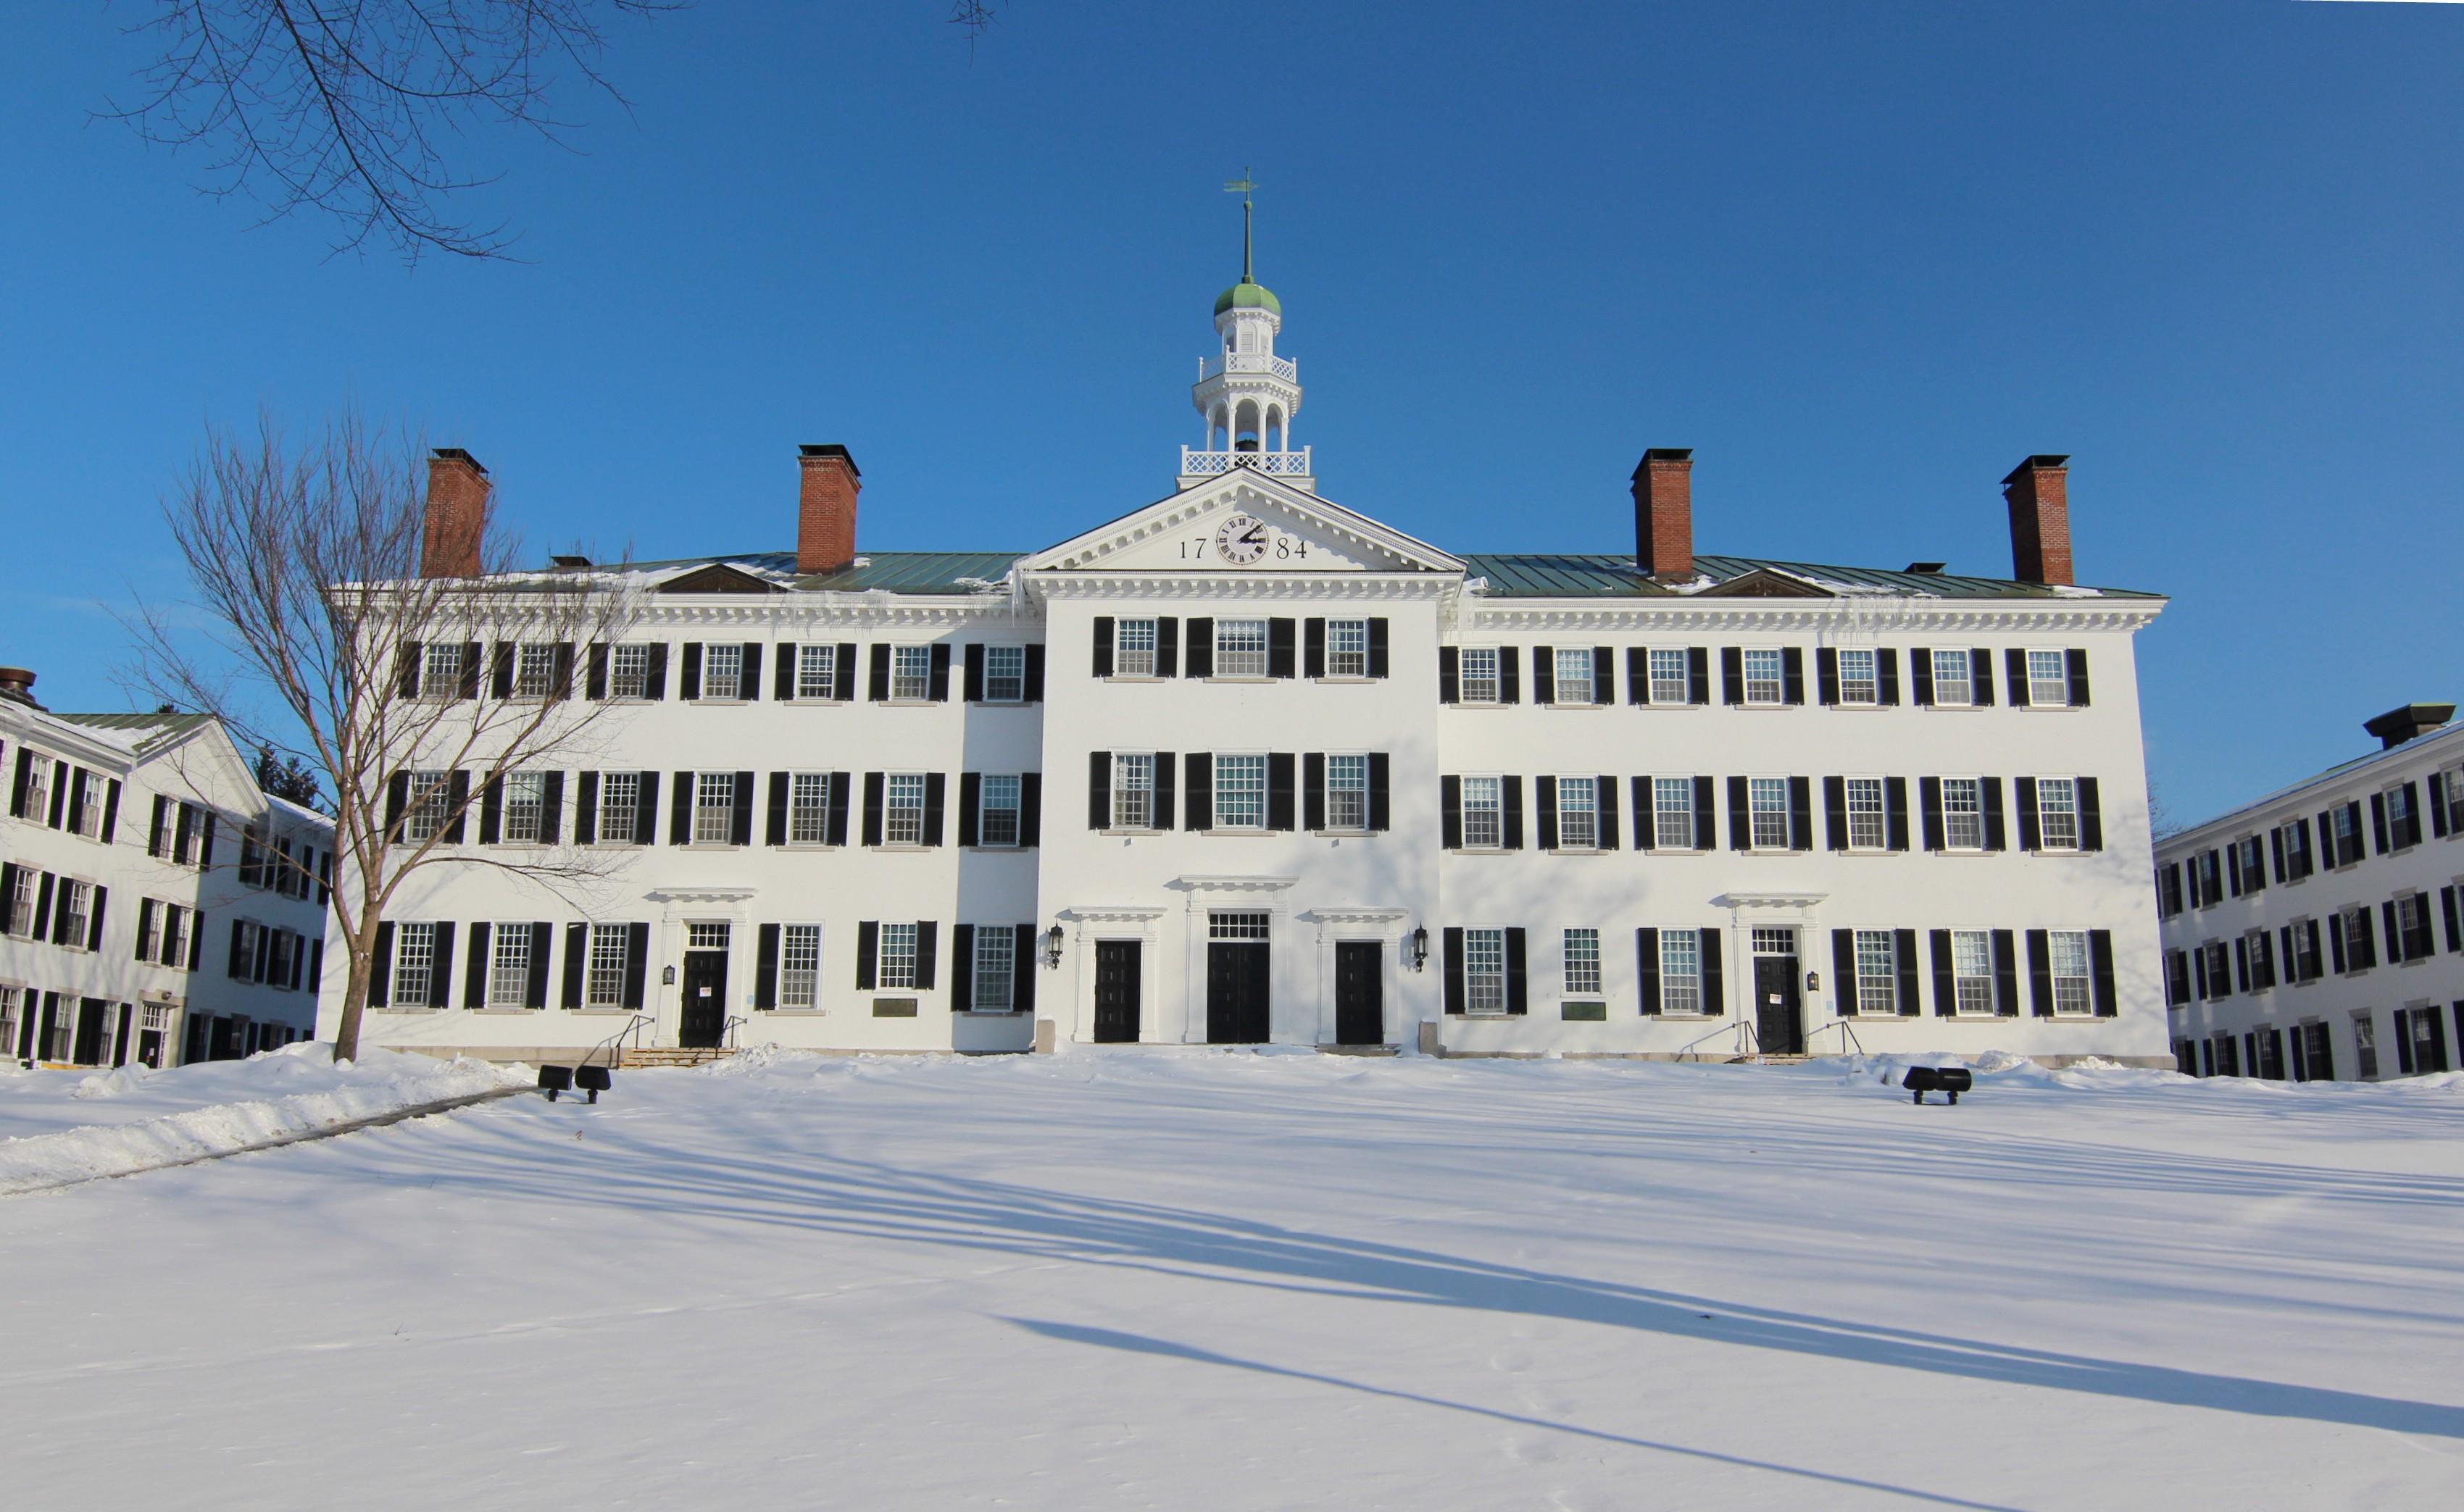 Hanover New Hampshire